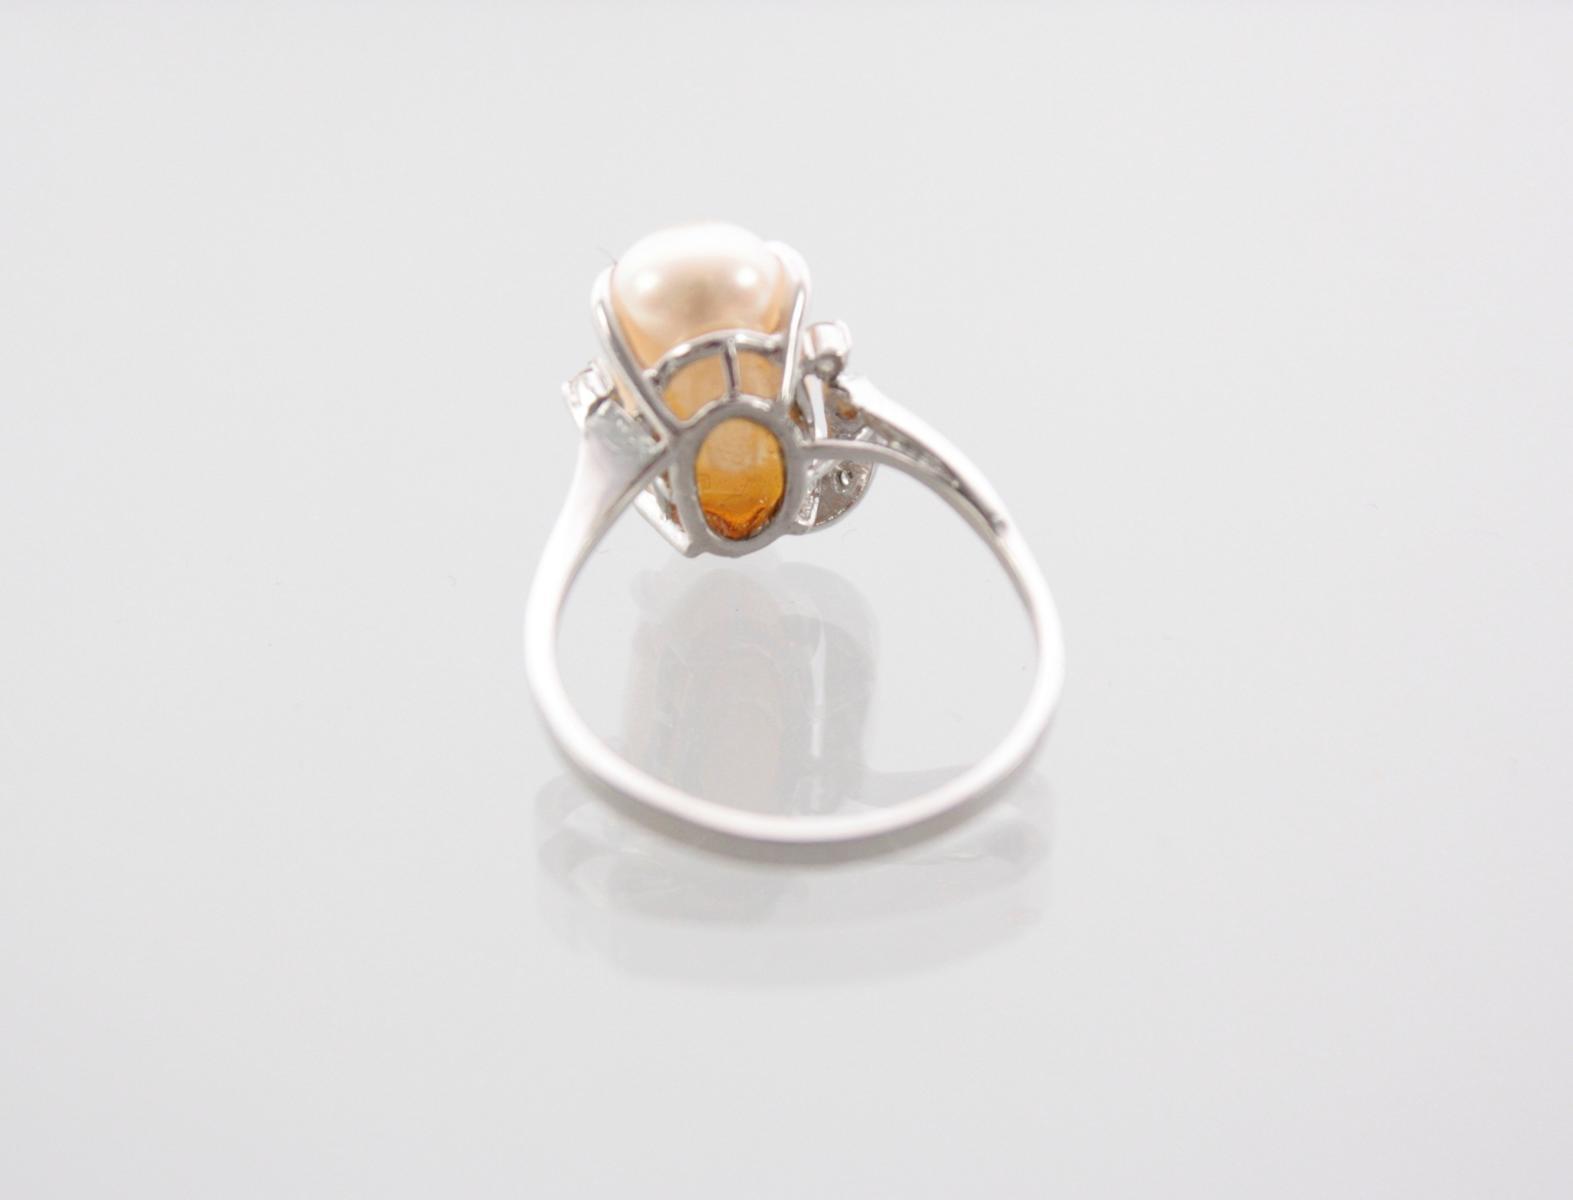 Weißgoldring mit Biwaperle und Diamanten-3